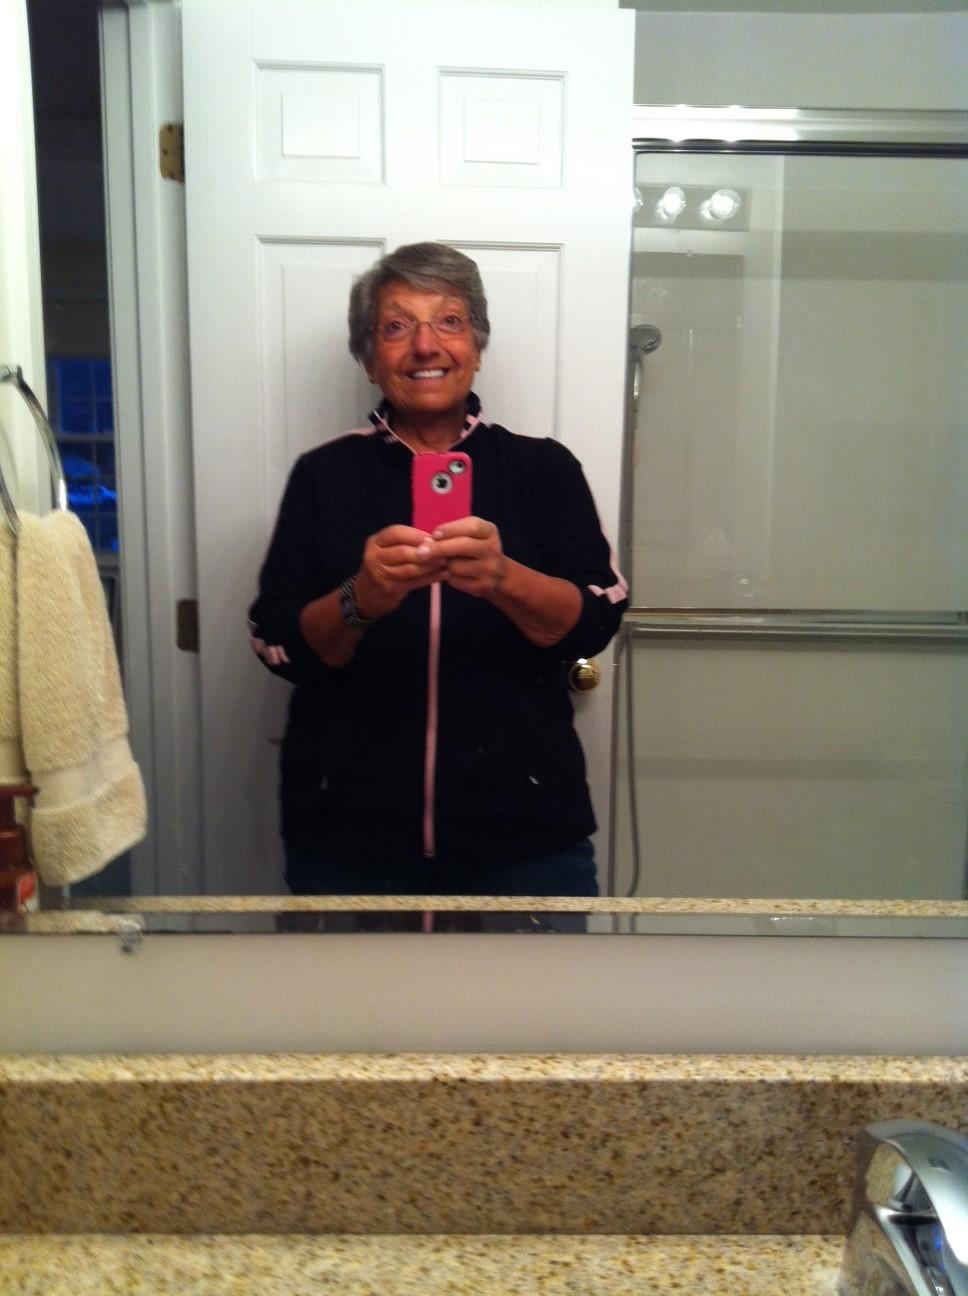 ugly mirror selfie - photo #2